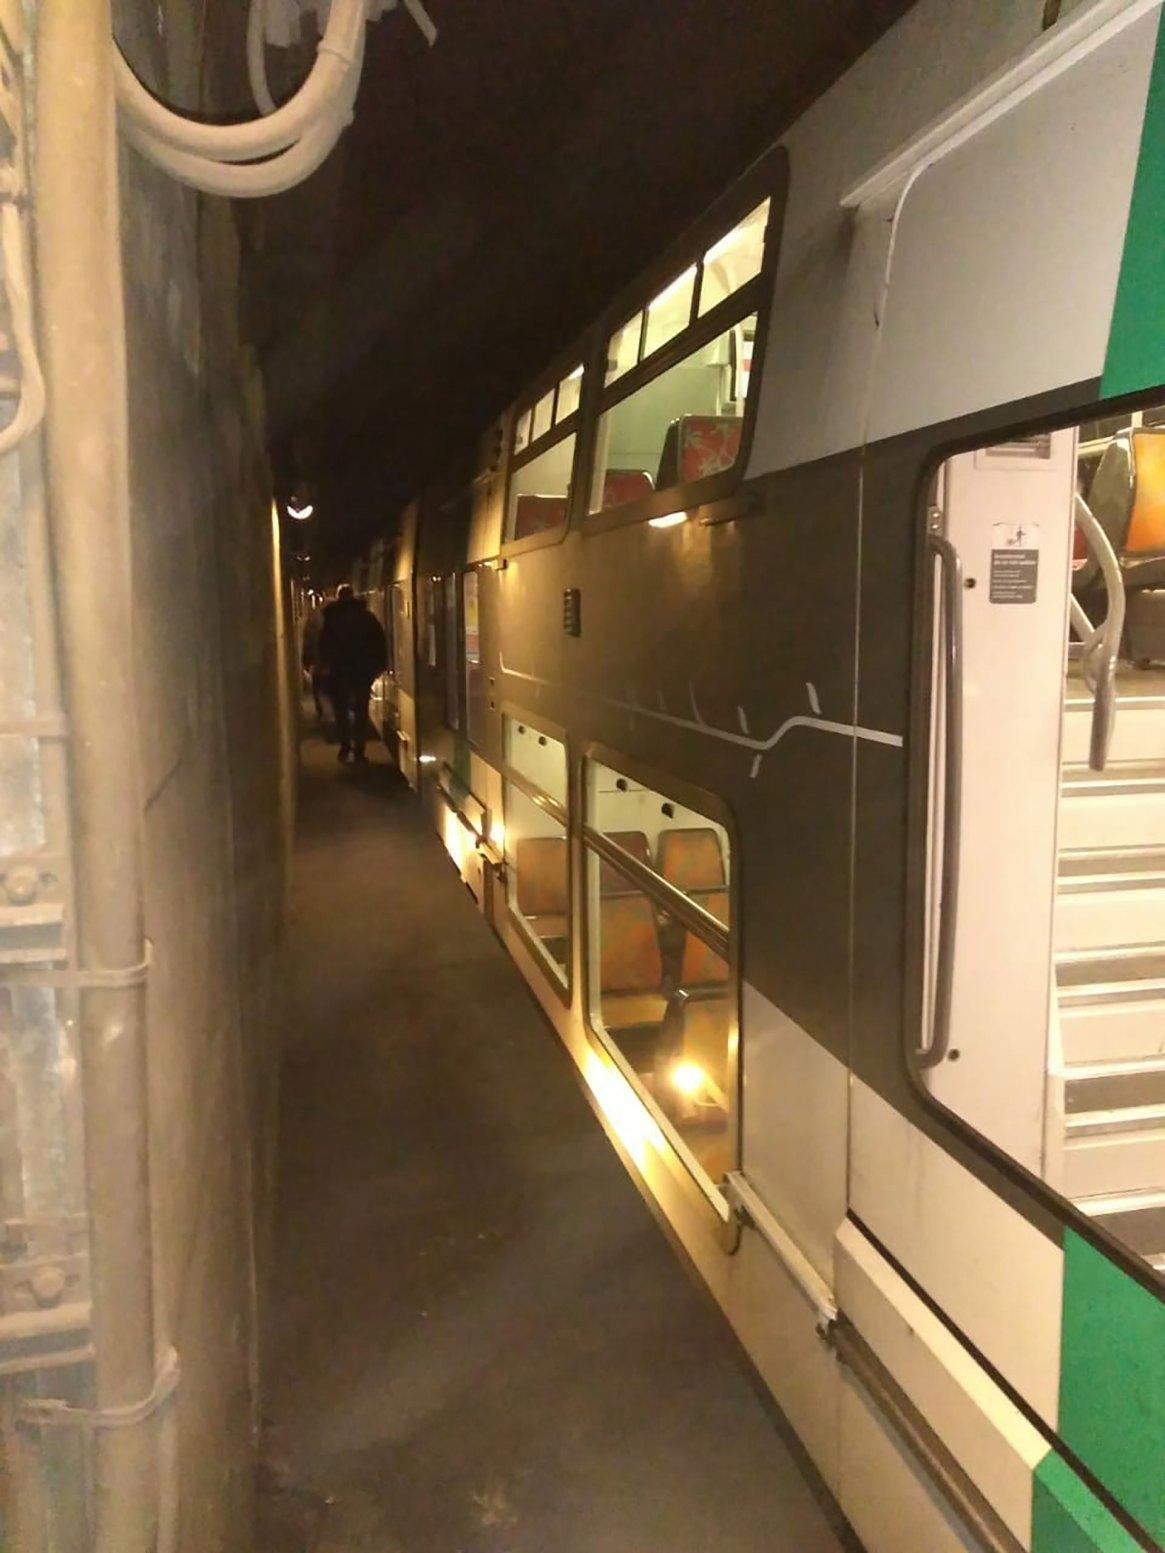 Un tren de la línea A de RER (tren de suburbio que atraviesa París en 18 minutos). Aquí, estacionado. Se ve el pasillo por donde desciende el personal. El tren mide más de 200 metros, tiene dos pisos, y puede transportar 2.600 pasajeros por vez